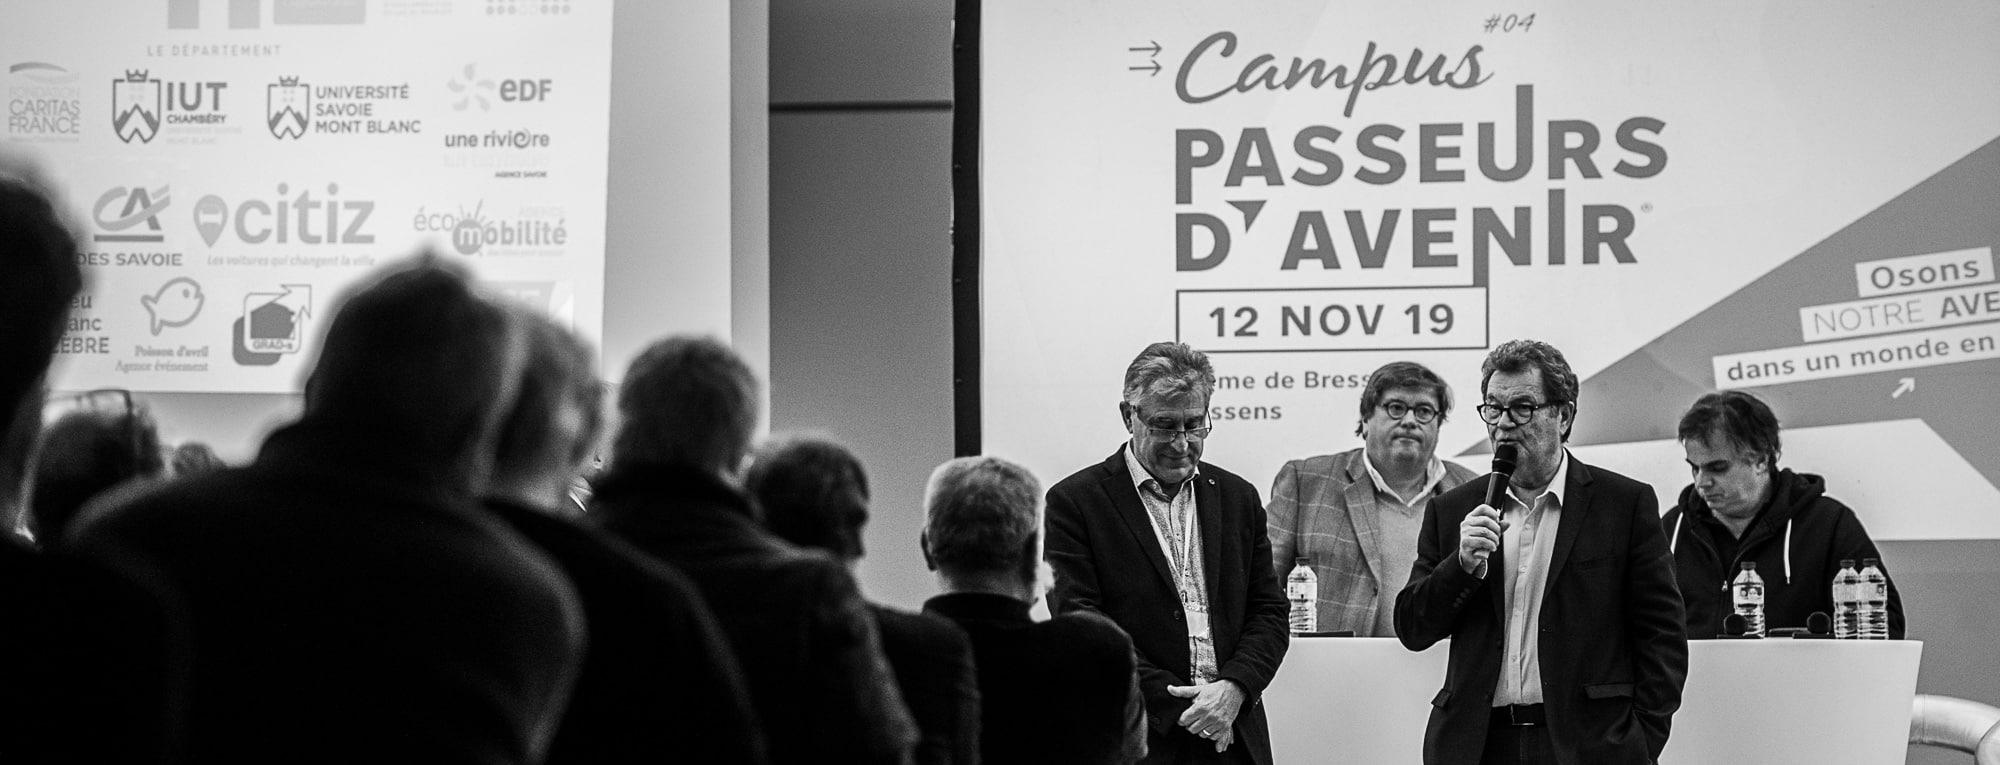 Reportage photo événementiel au Campus Passeurs d'Avenir - Agisens